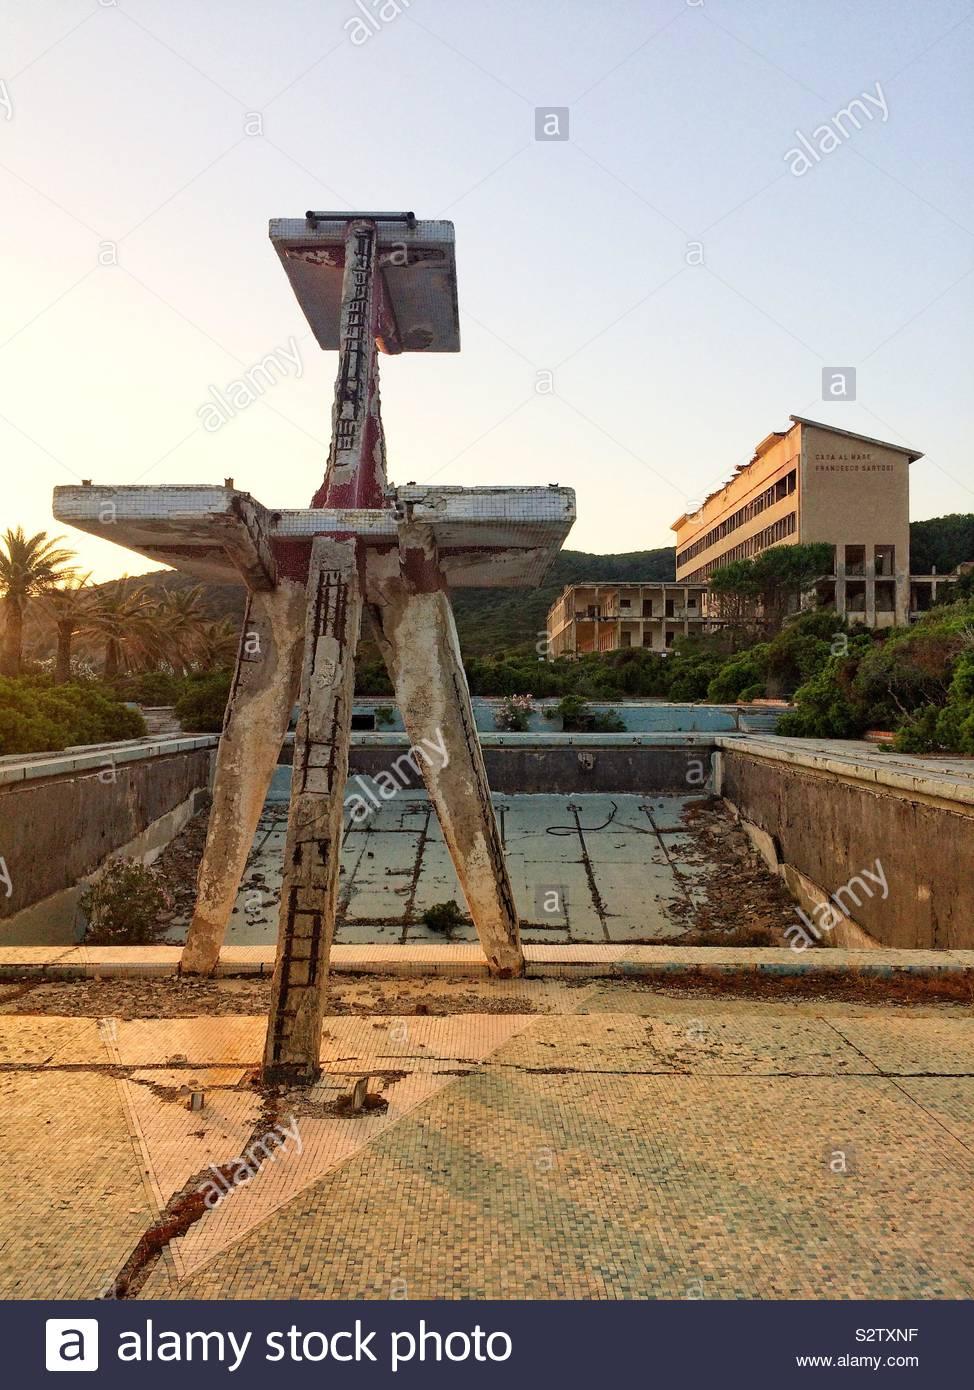 Un hotel abbandonato e svuotare la piscina con trampolino che assomiglia a un stalking dinosauro Foto Stock